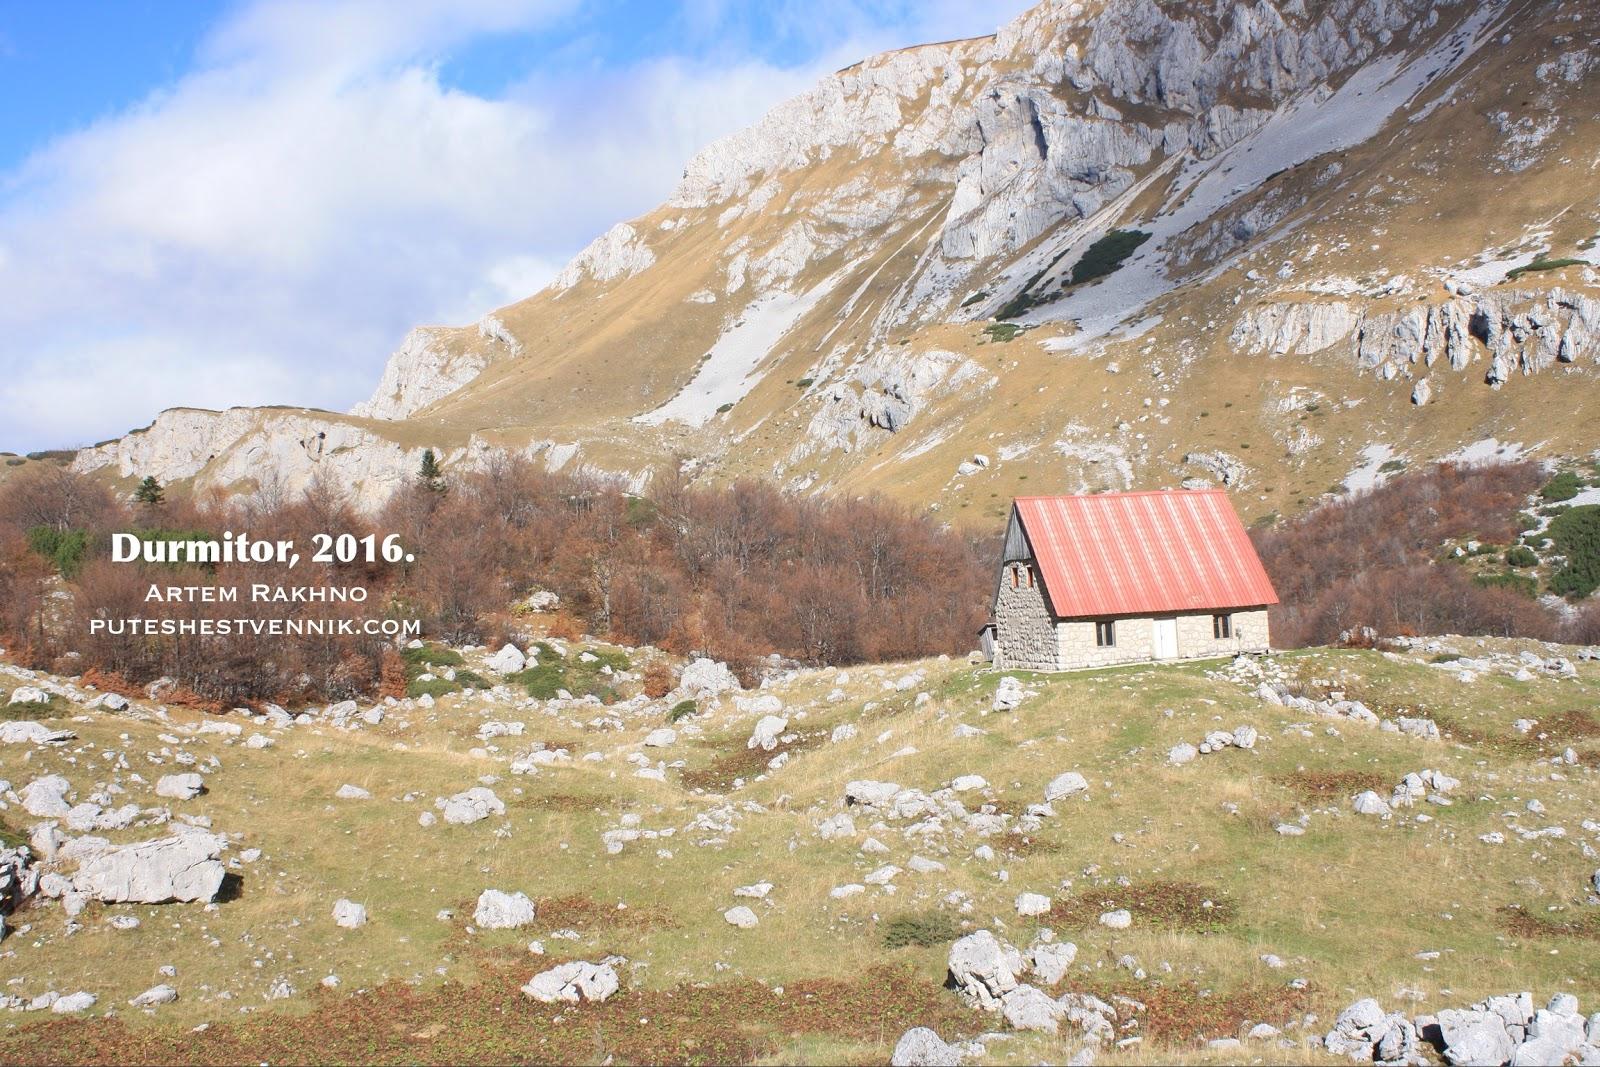 Каменный дом в национальном парке Дурмитор